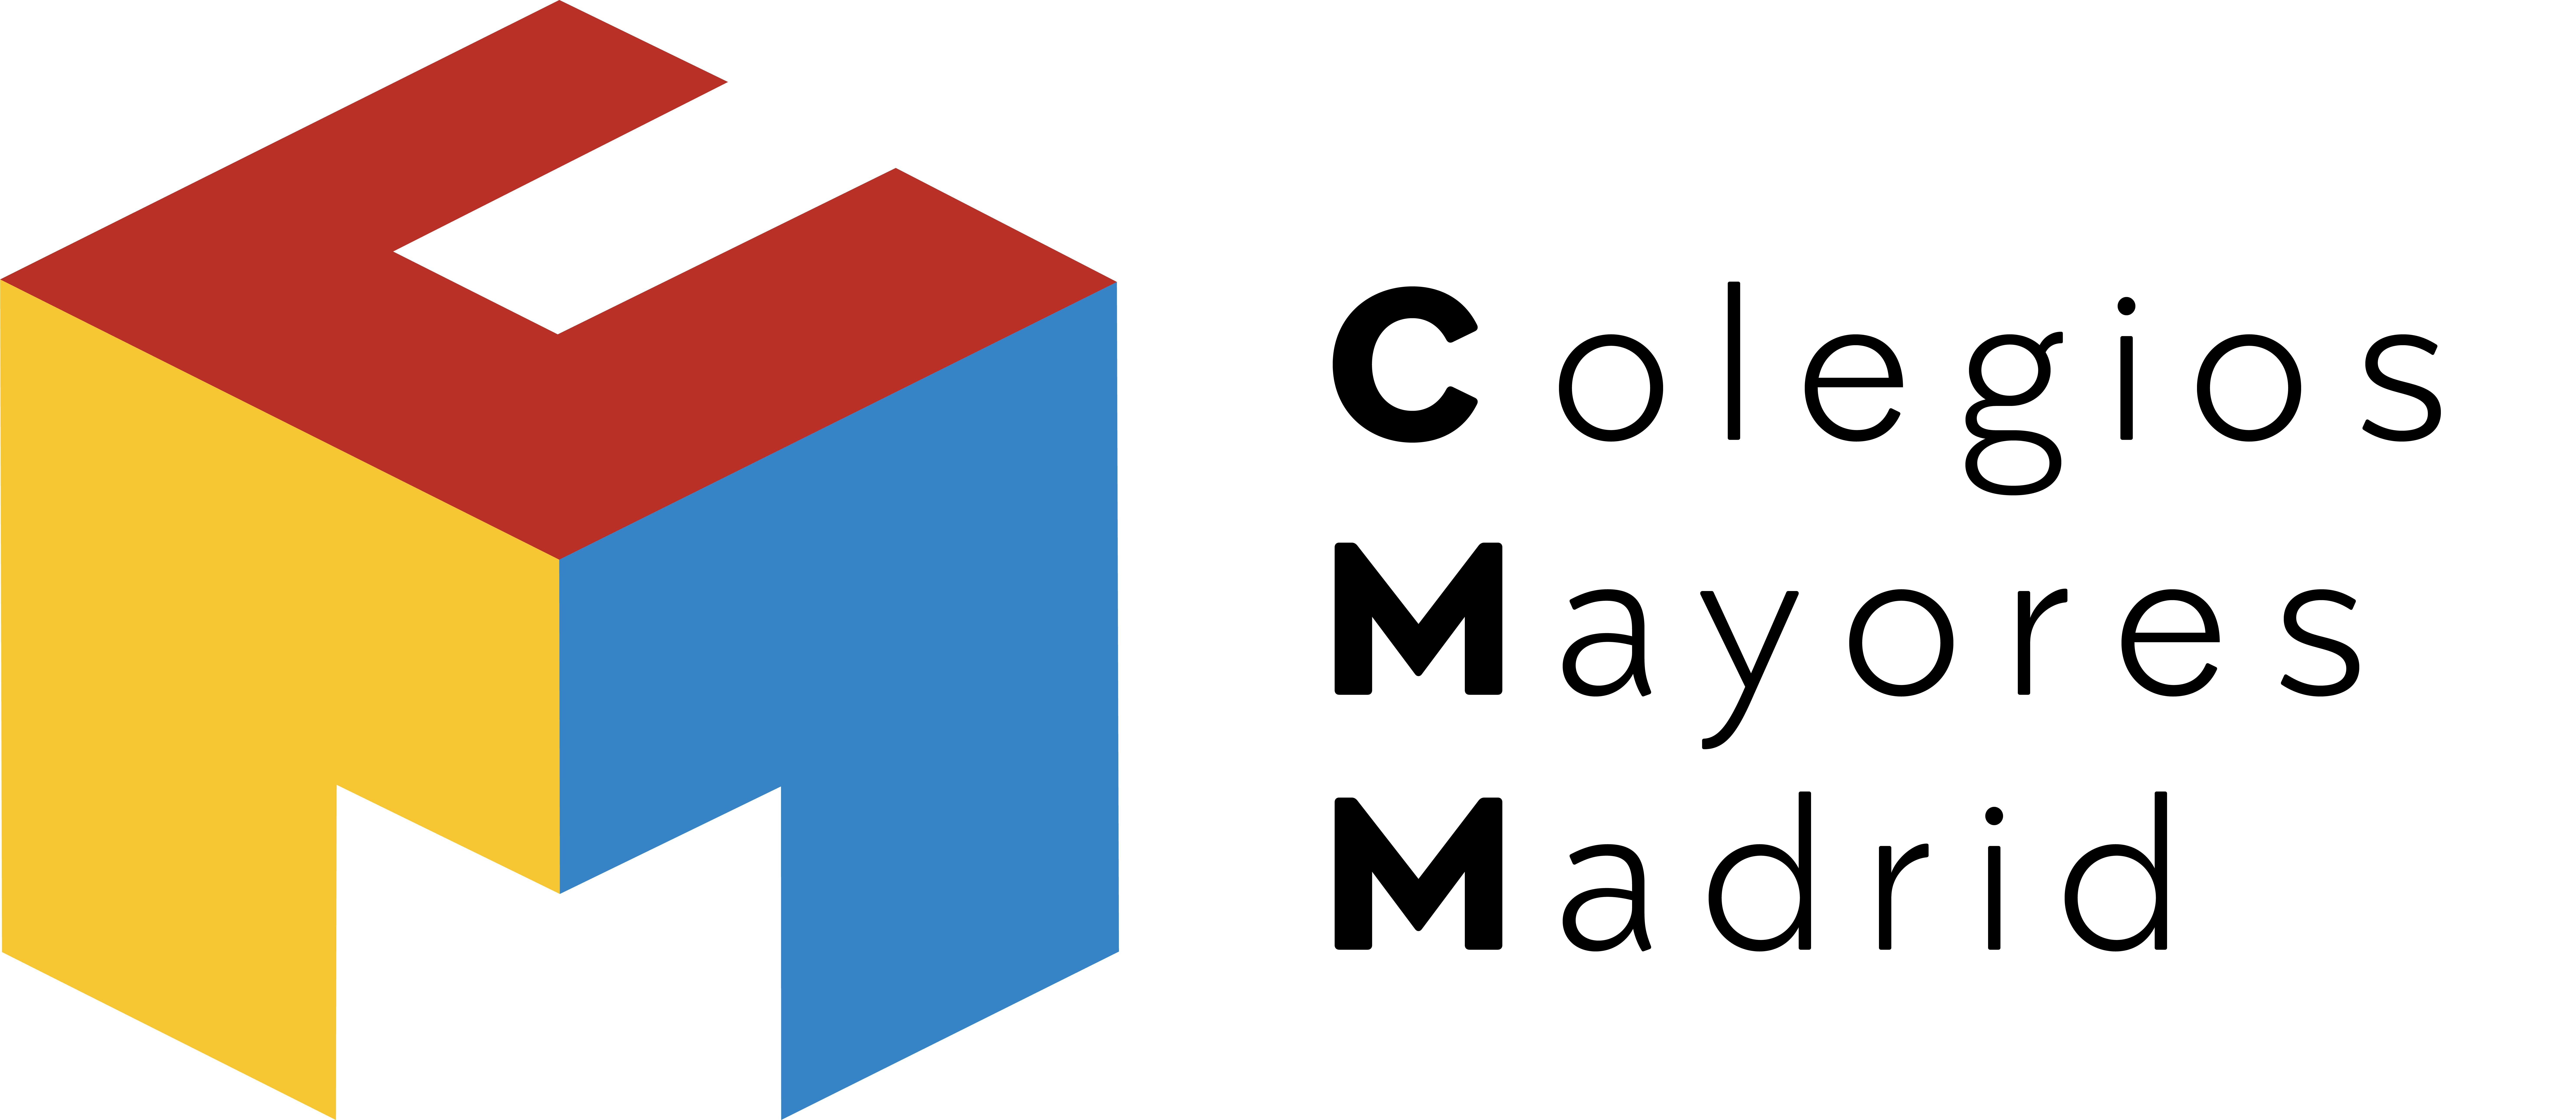 Asociación de Colegios Mayores de Madrid